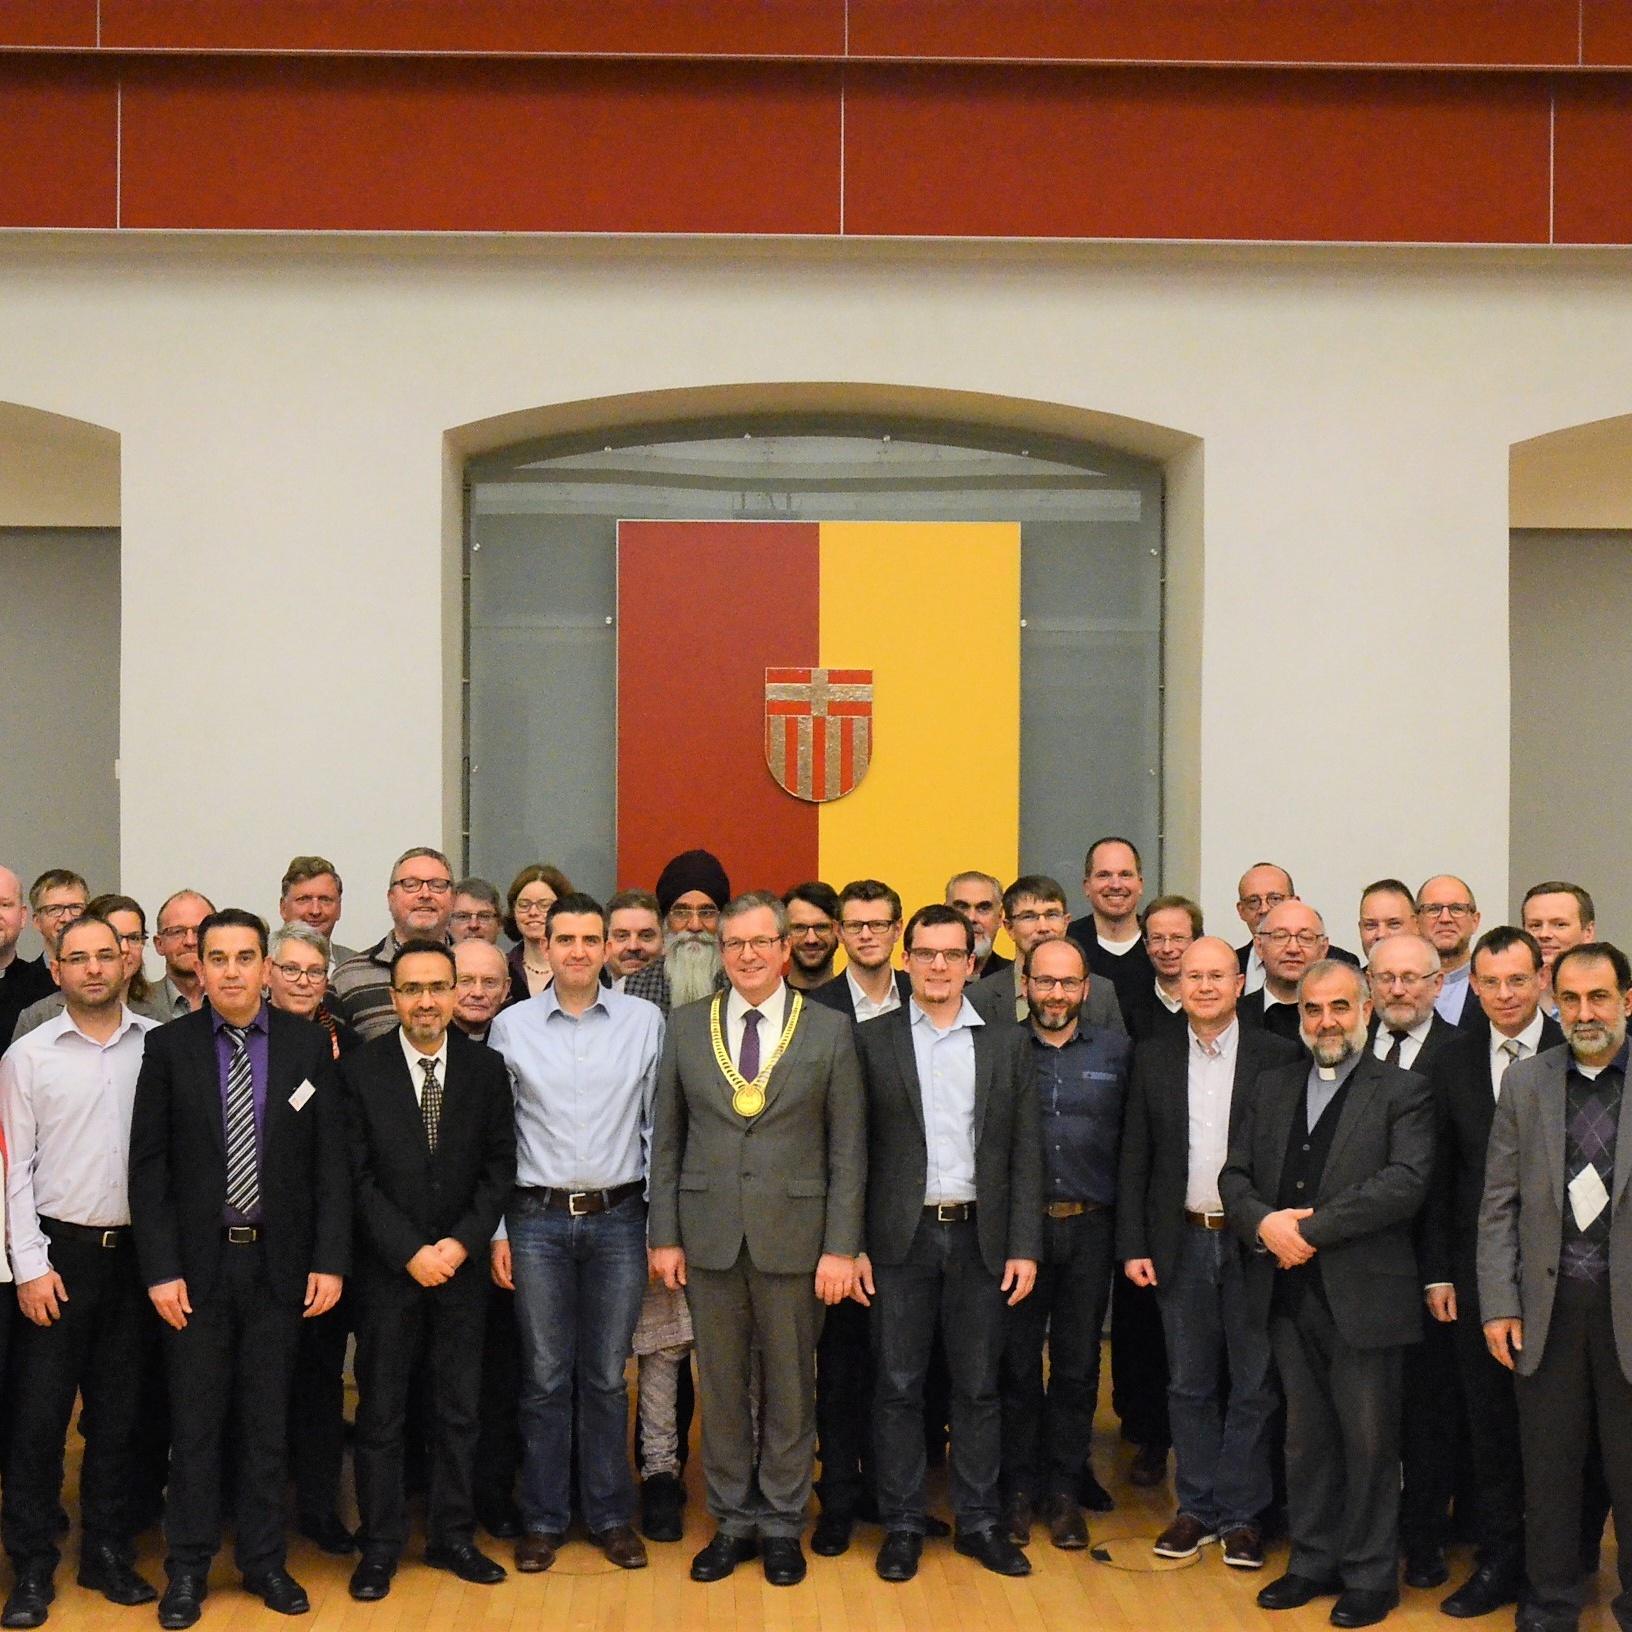 Bürgermeister bedankt sich für gute Zusammenarbeit Paderborner Religionsvertreter im historischen Rathaus